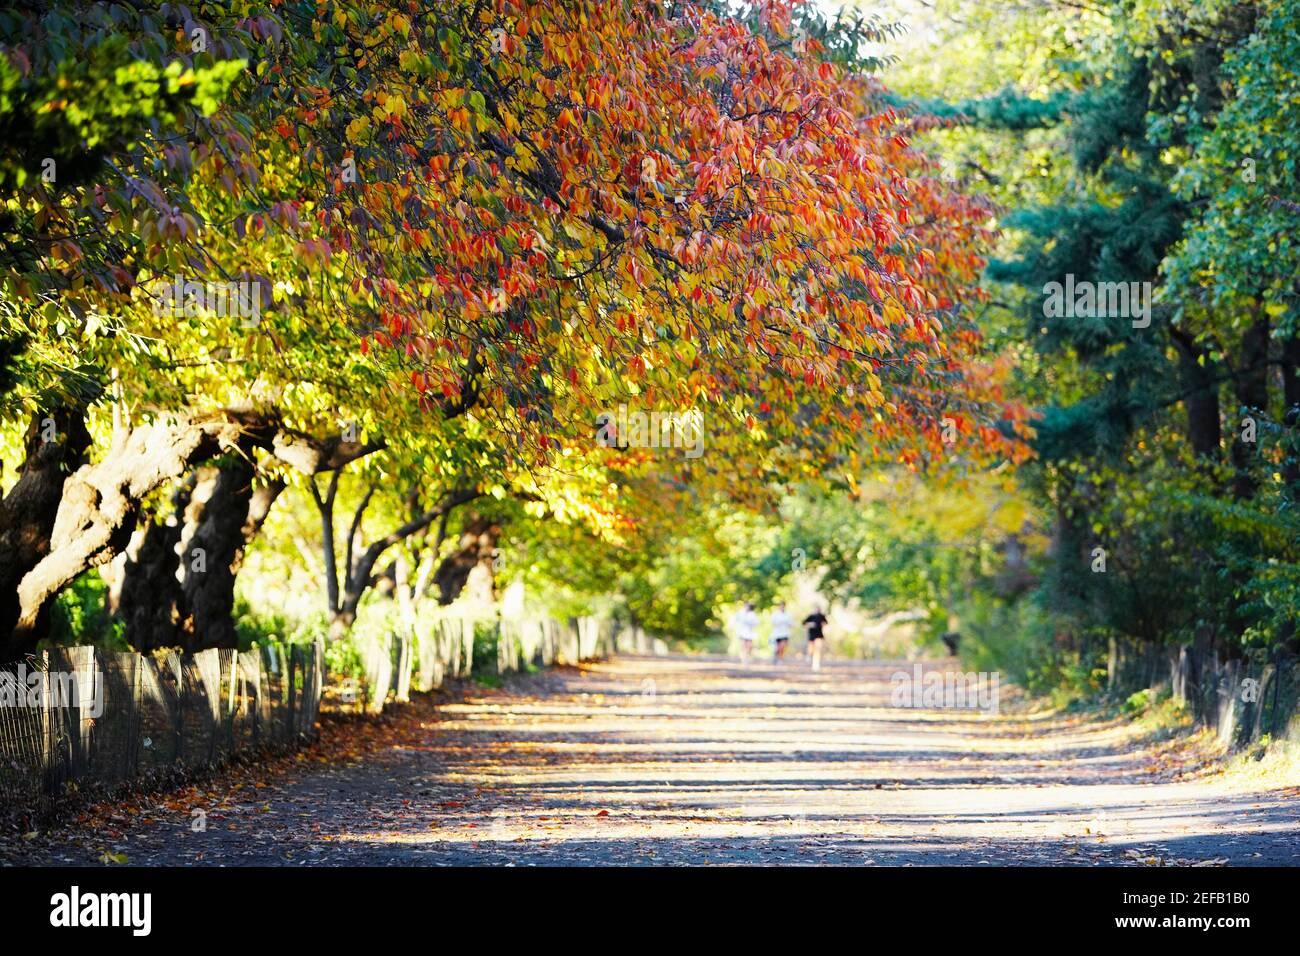 Arbres le long d'une route, Central Park, Manhattan, New York City, New York State, ÉTATS-UNIS Banque D'Images